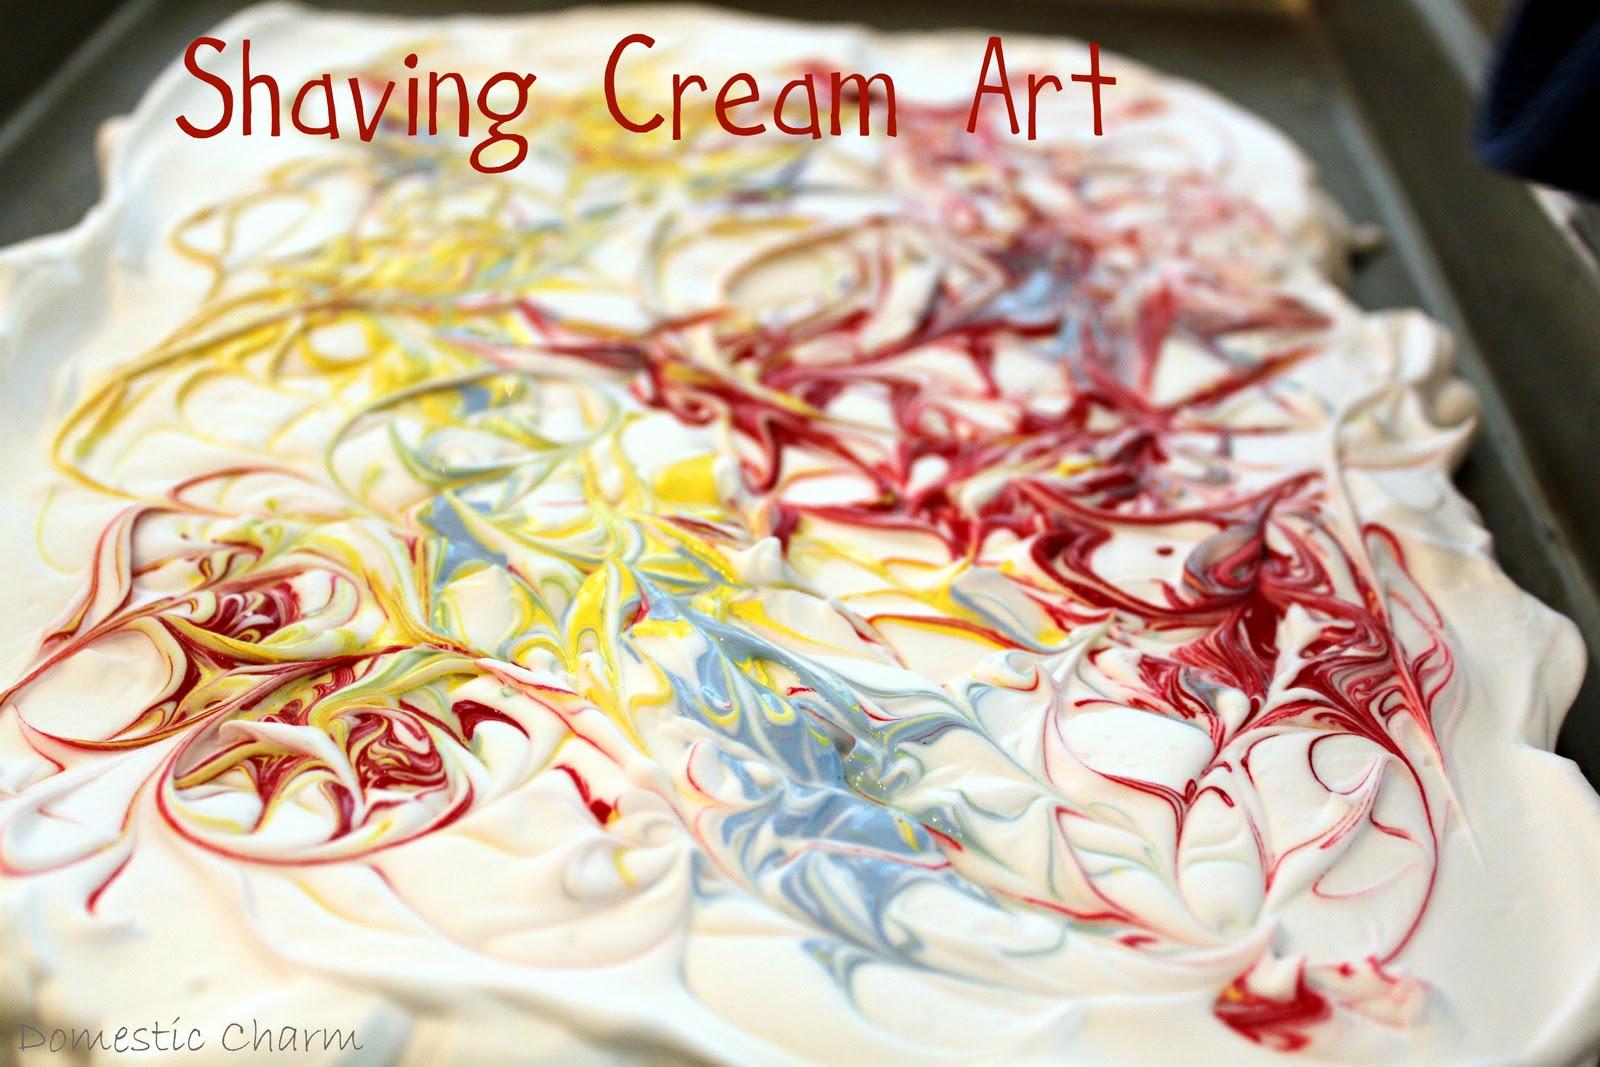 Domestic charm shaving cream art for Shaving cream paint